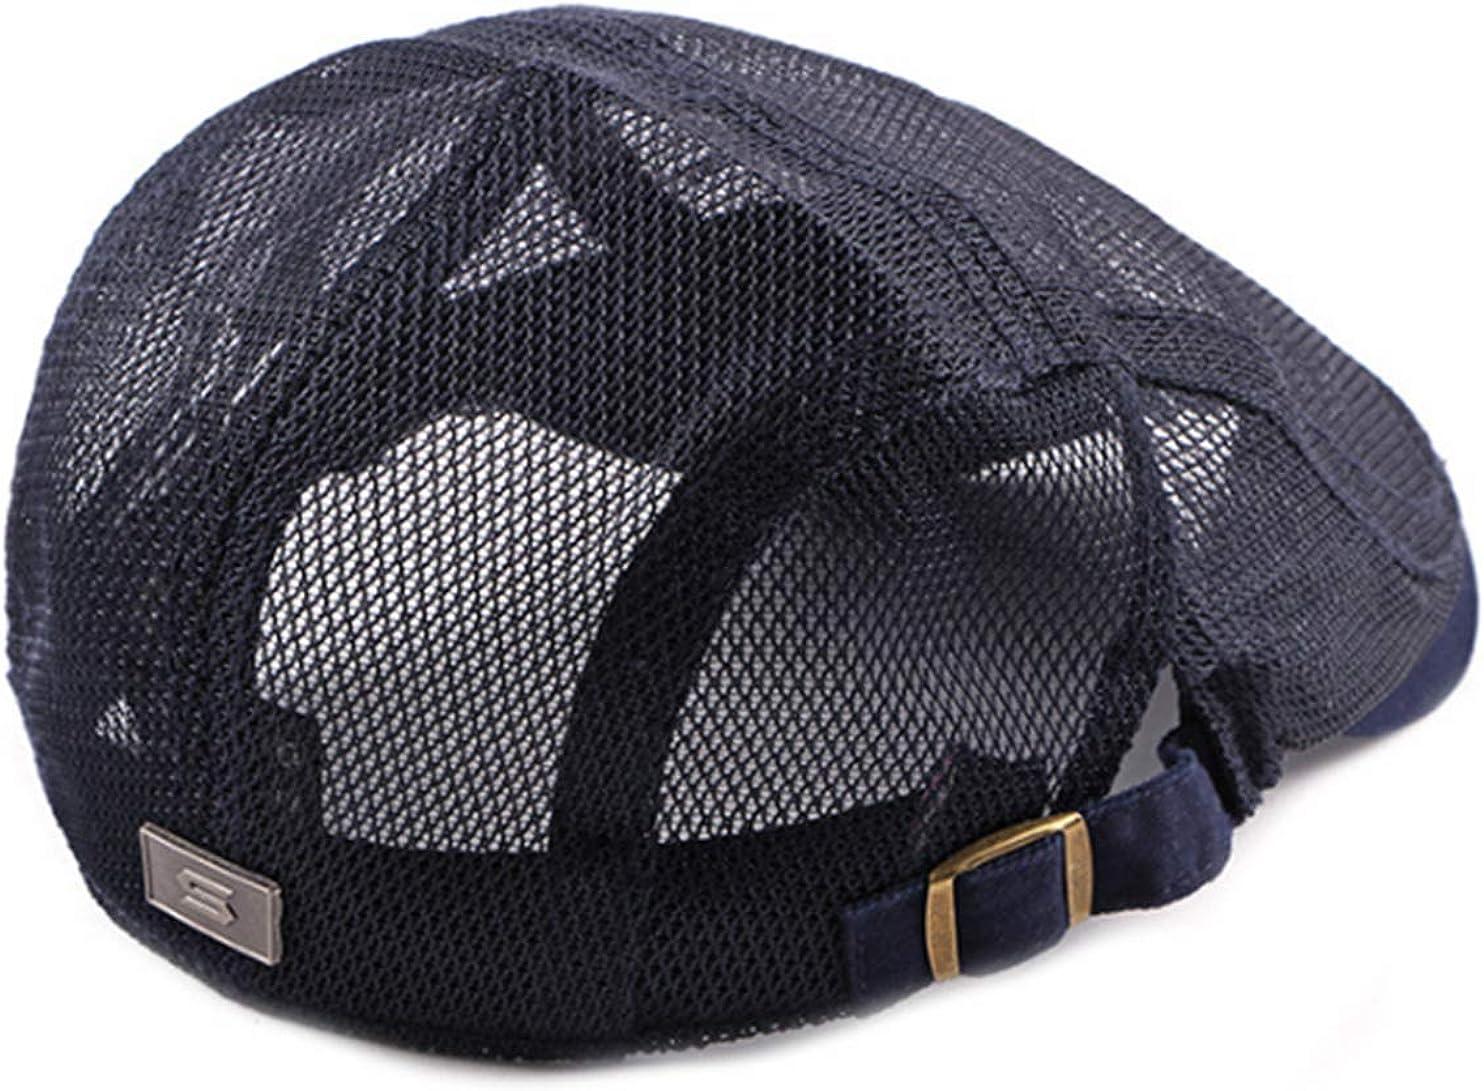 DecStore Uomo Maglia Cappuccio Berretti Edera Cappelli Guida Cappelli Estate Vintage Hat